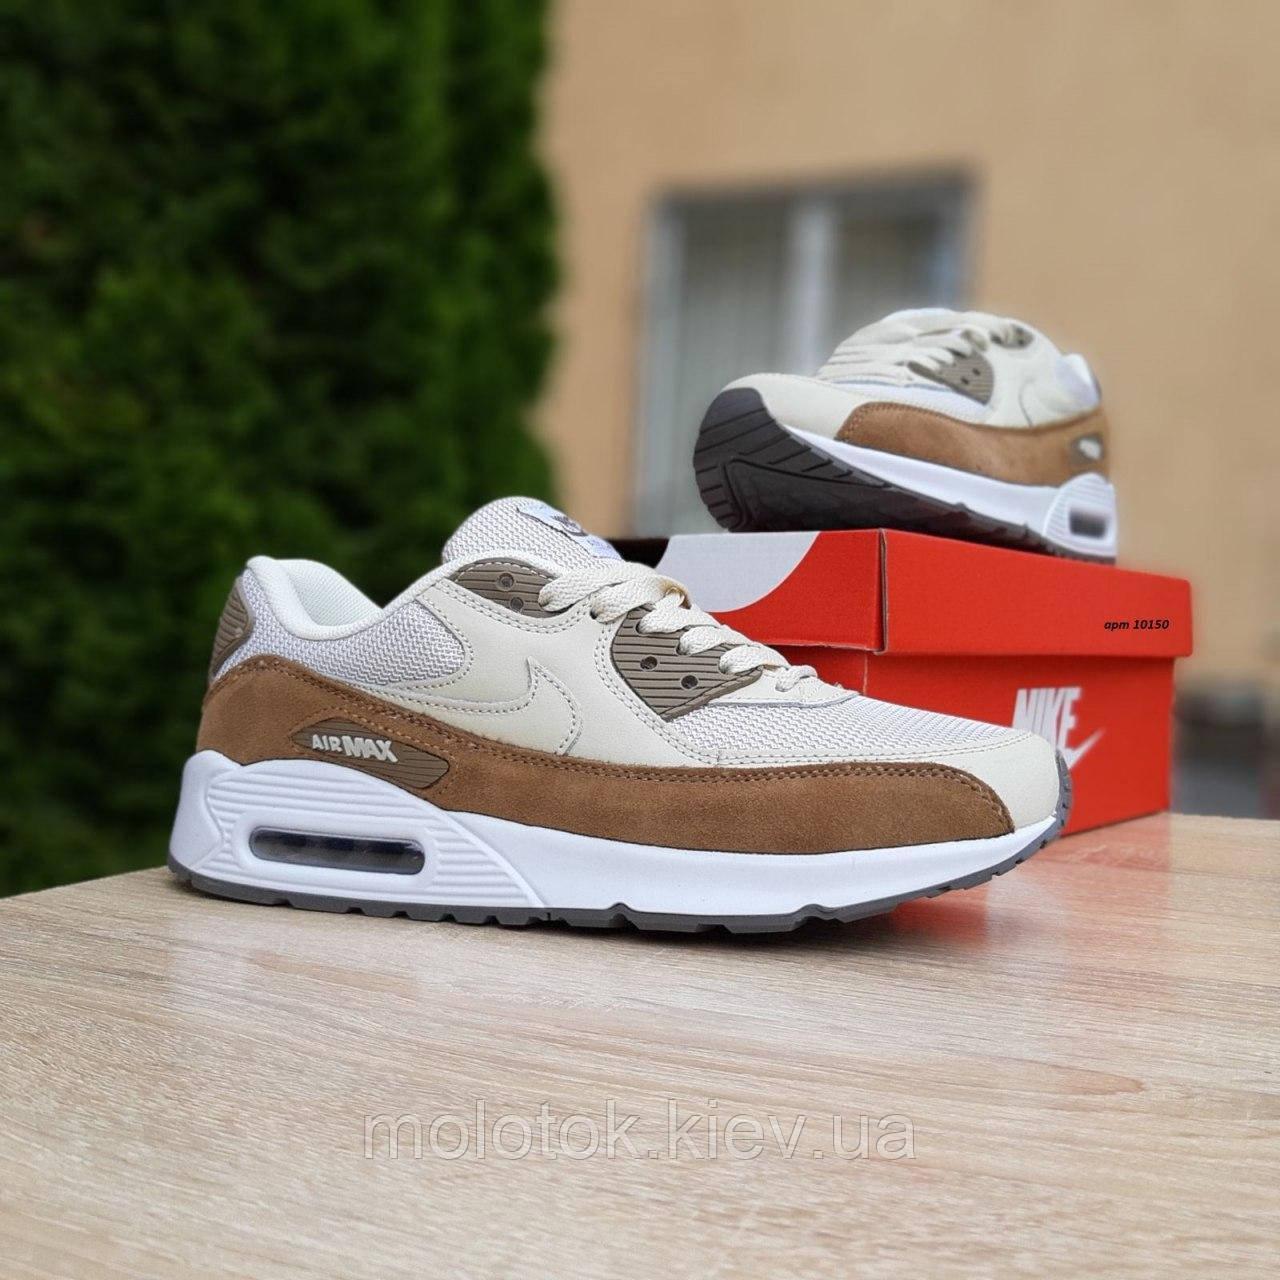 Чоловічі кросівки в стилі Nike Air Max 90 білий з коричневим